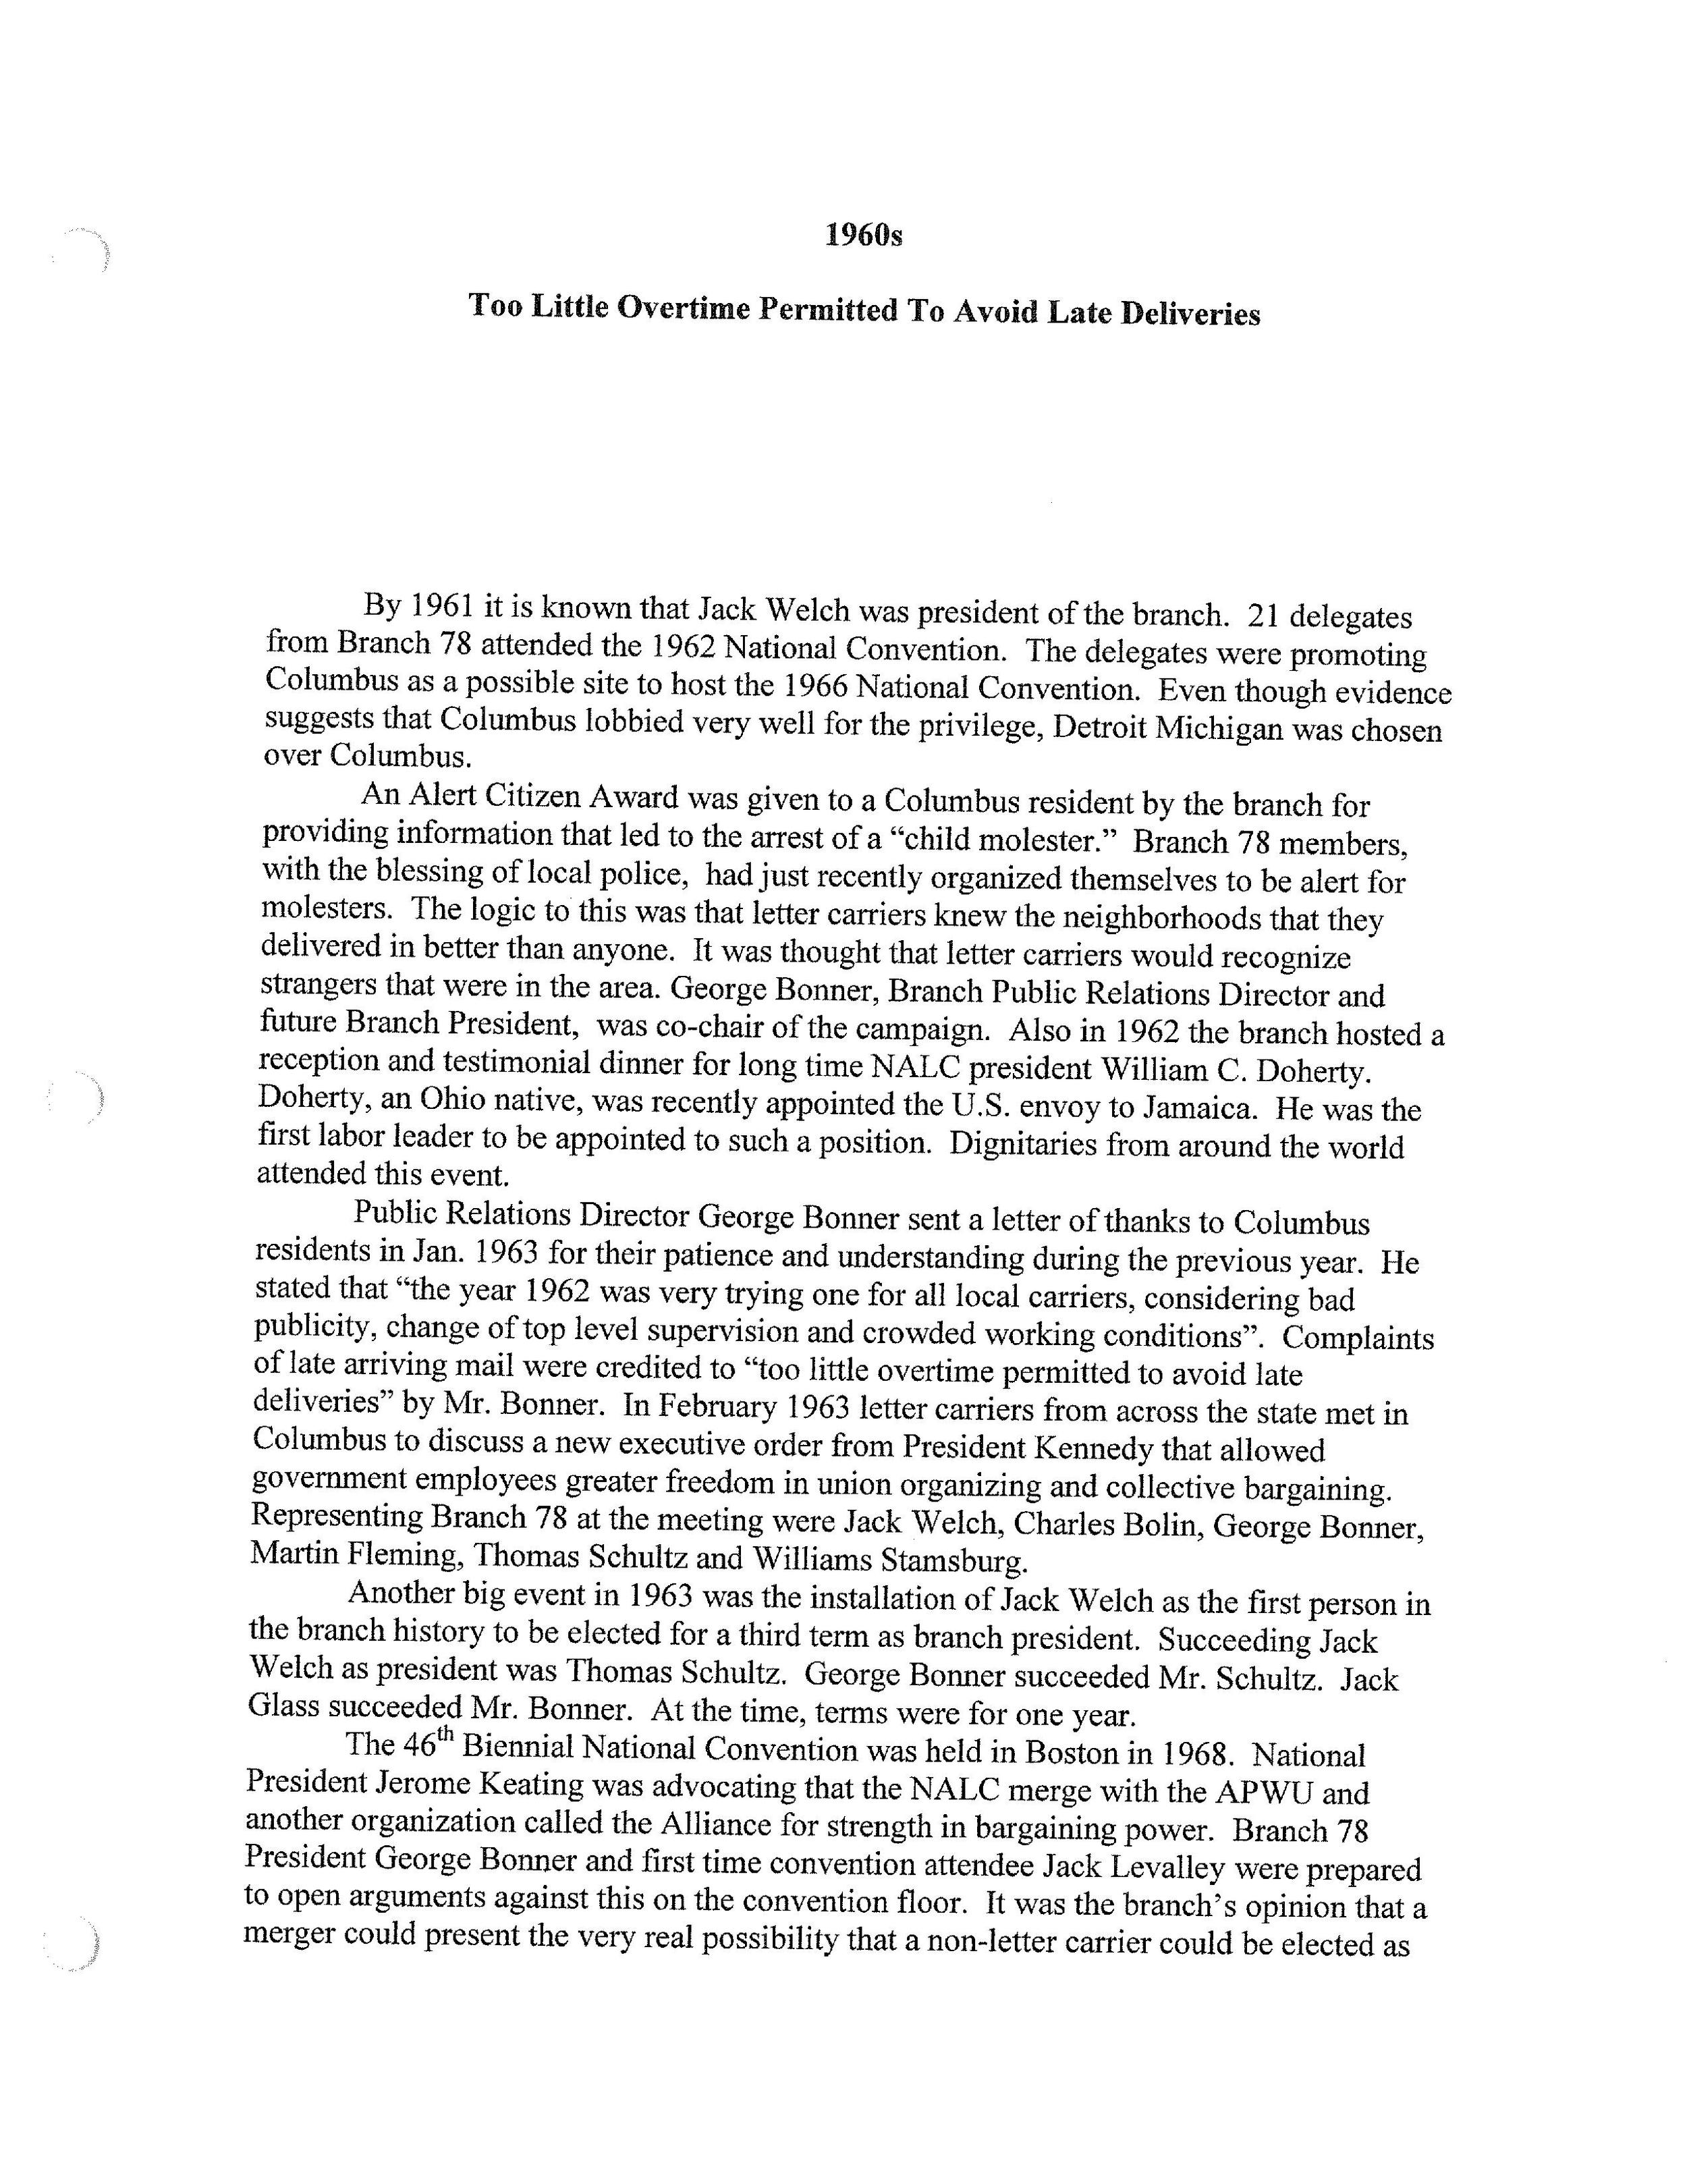 branch 78 history page-0014.jpg